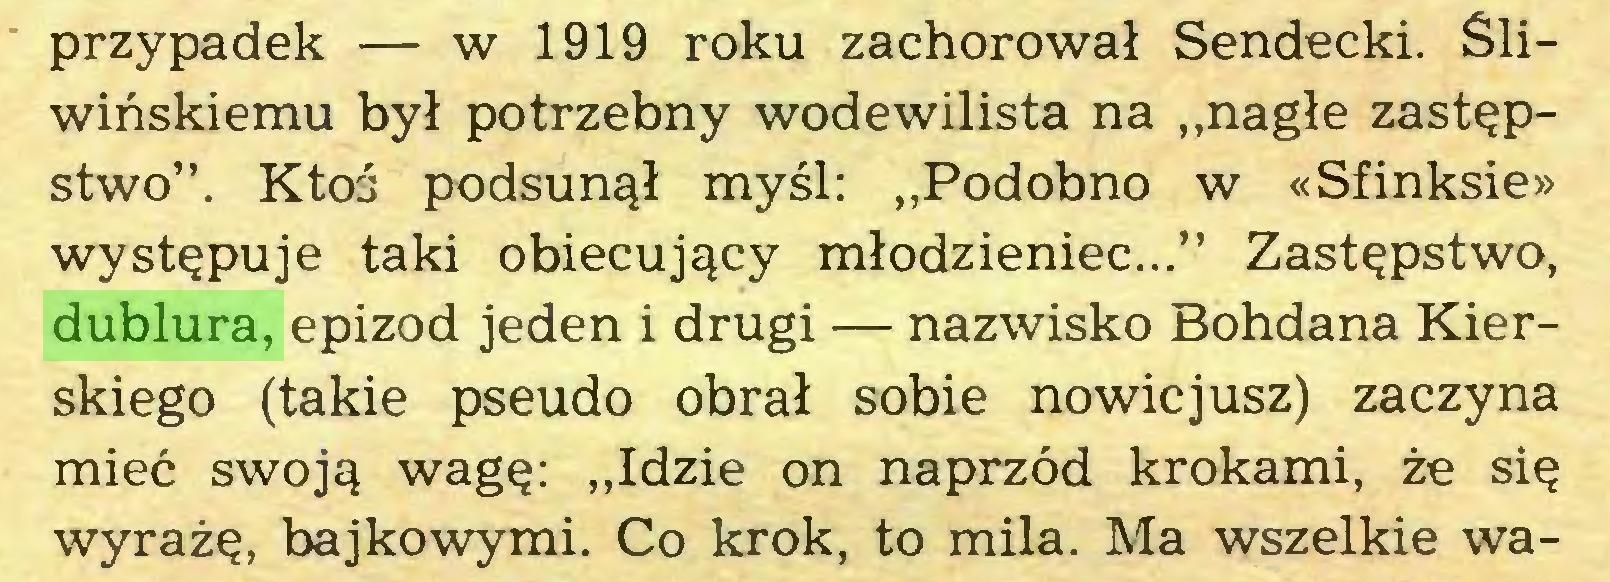 """(...) przypadek — w 1919 roku zachorował Sendecki. Śliwińskiemu był potrzebny wodewilista na """"nagłe zastępstwo"""". Ktoś podsunął myśl: """"Podobno w «Sfinksie» występuje taki obiecujący młodzieniec..."""" Zastępstwo, dublura, epizod jeden i drugi — nazwisko Bohdana Kierskiego (takie pseudo obrał sobie nowicjusz) zaczyna mieć swoją wagę: """"Idzie on naprzód krokami, że się wyrażę, bajkowymi. Co krok, to mila. Ma wszelkie wa..."""